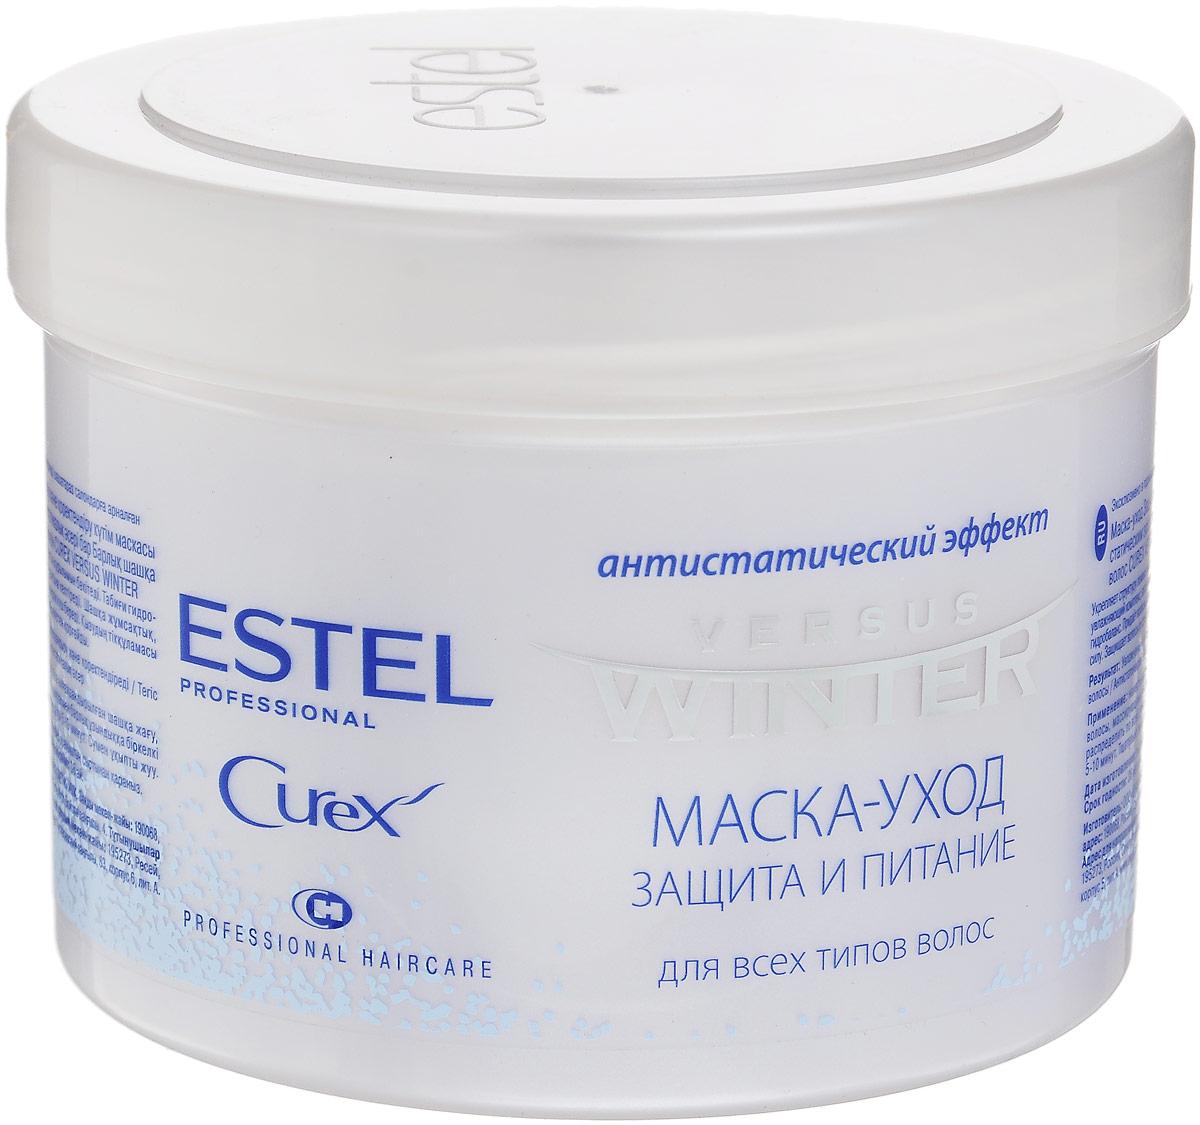 Estel Curex Versus Winter Маска-уход Защита и питание для волос с антистатическим эффектом 500 млCUW/М1Estel Curex Versus Winter Маска - уход Защита и питание для волос с антистатическим эффектом. Маска интенсивно питает и увлажняет волосы и кожу головы, укрепляет структуру ломких волос. Восстанавливает естественный гидробаланс, создает защитную пленку на волосах. Защищает волосы от стресса при перепаде температур. Содержит экстракт каштана, способствующий улучшению питания волосяных луковиц.Придает волосам мягкость, красоту и жизненную силу. Обладает антистатическим эффектом.